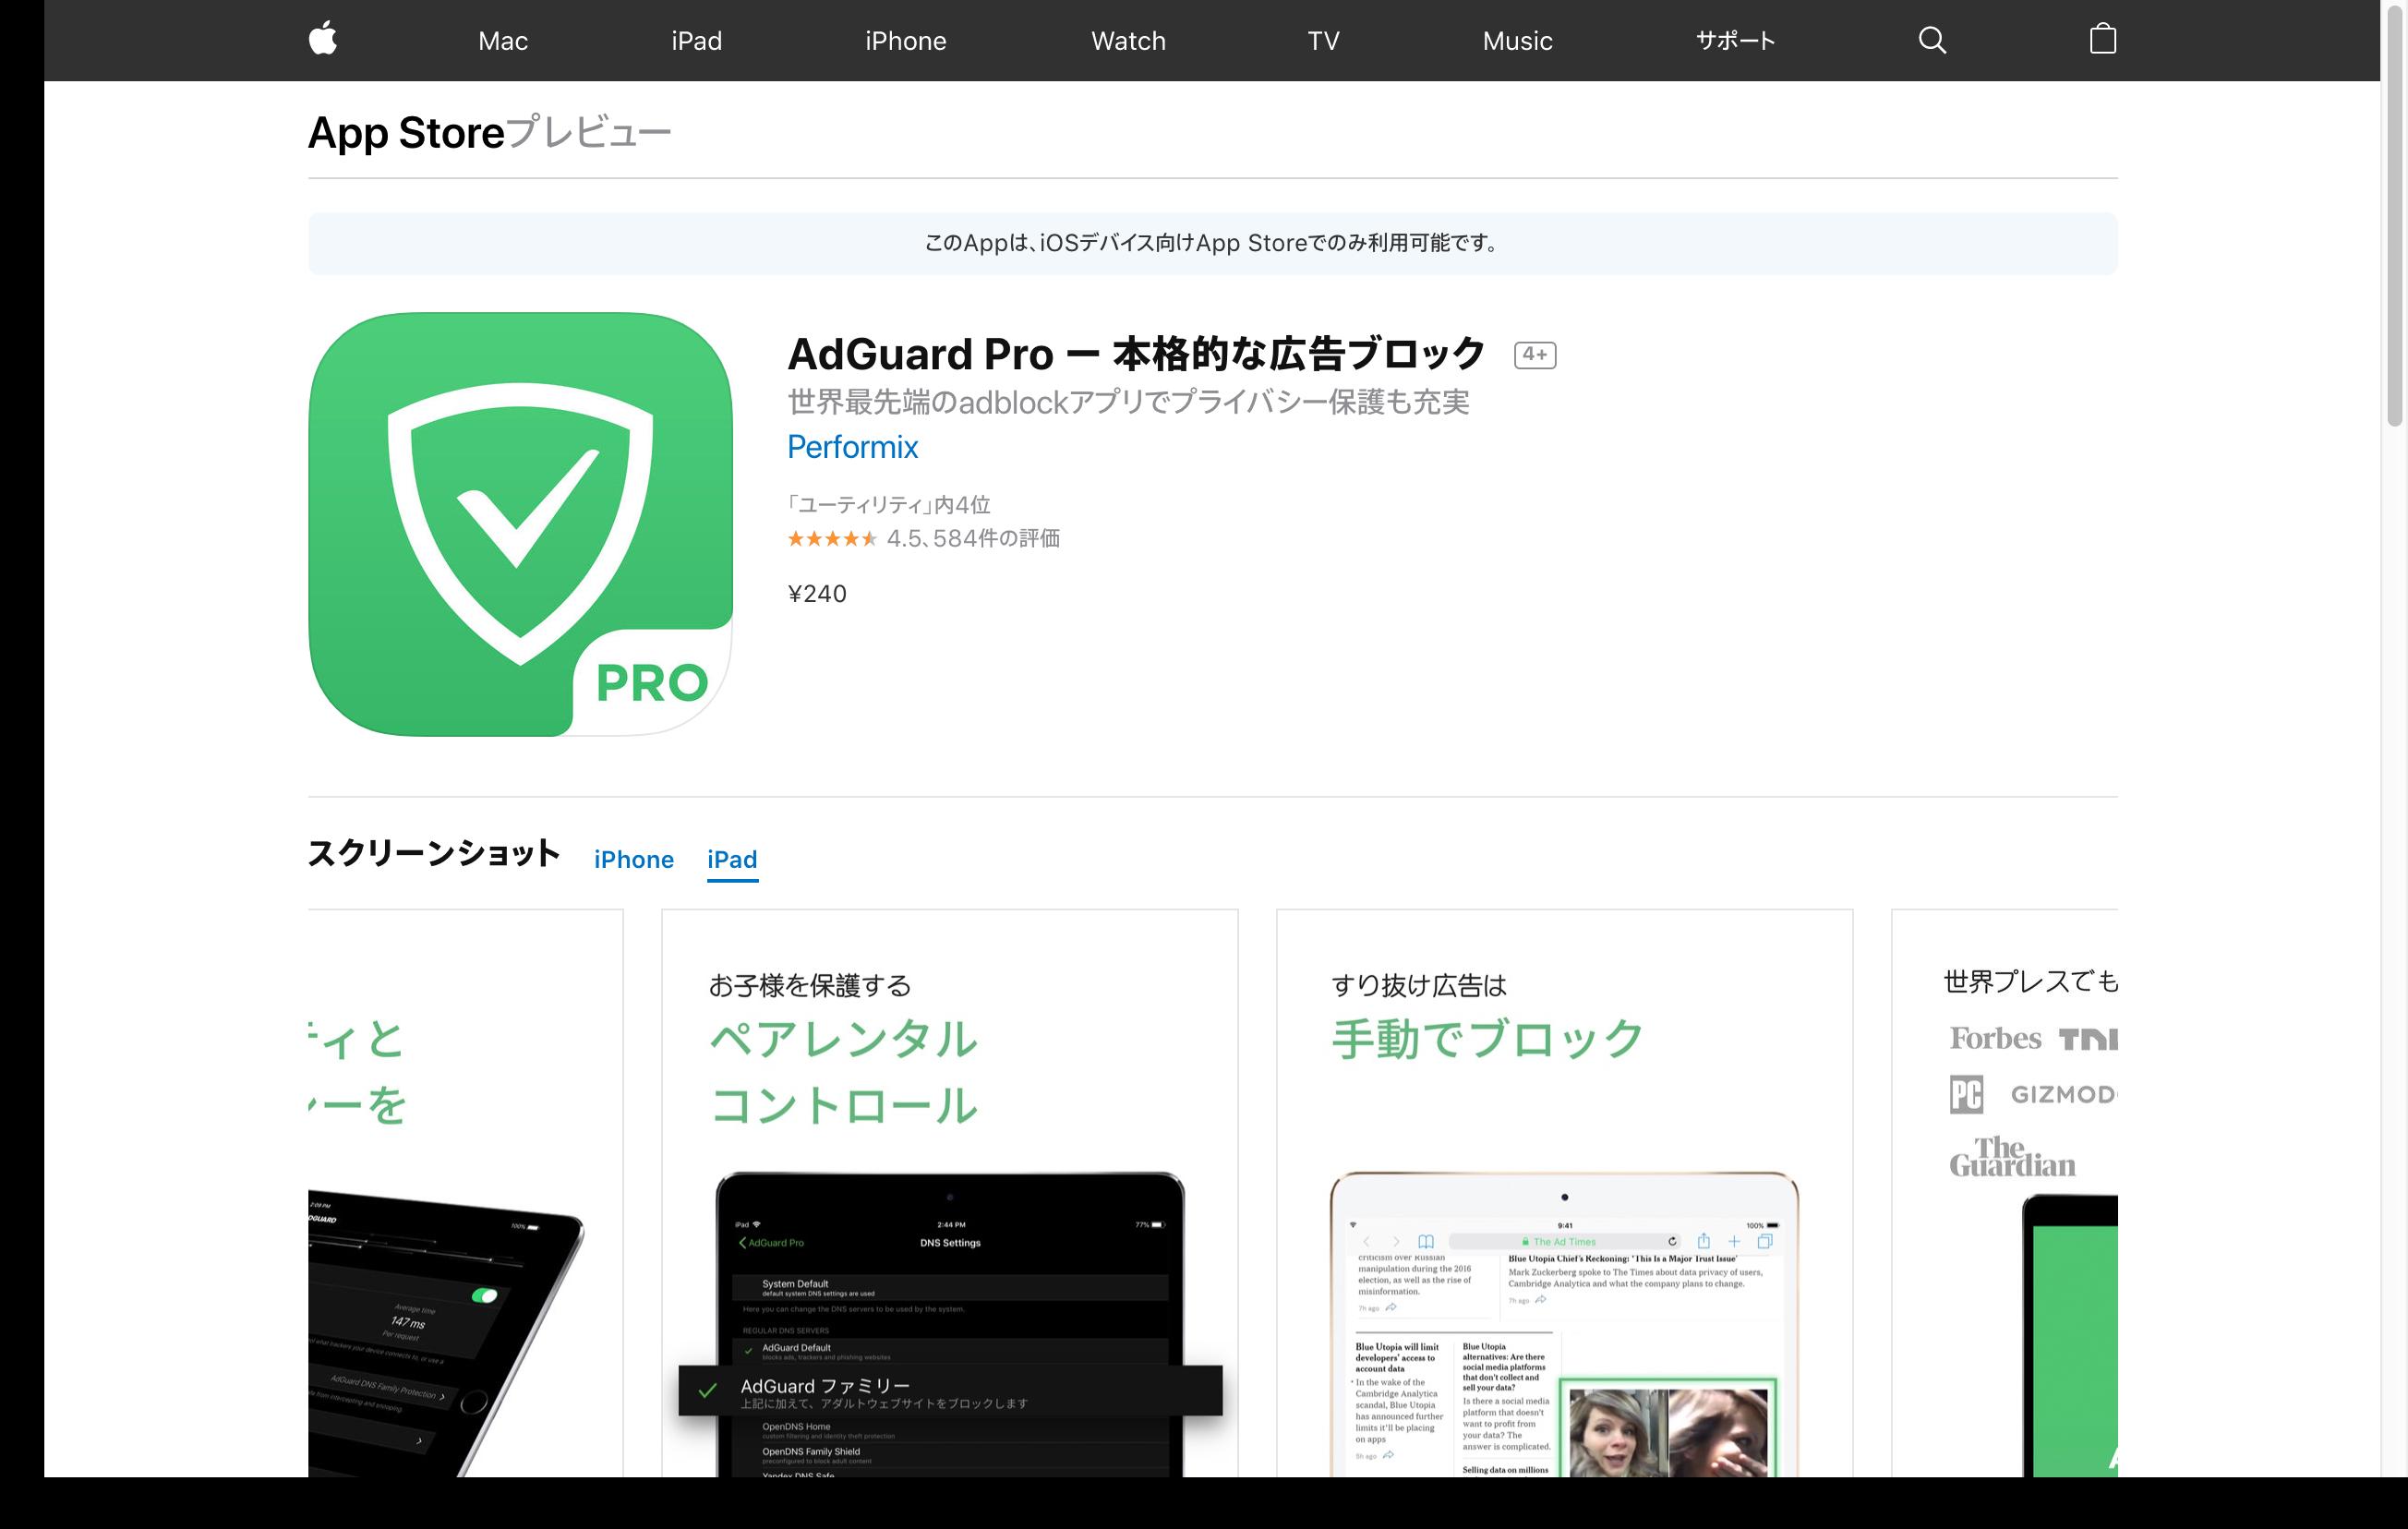 AdGuard Proの設定と使い方!iPhoneでアプリ内の広告もブロック